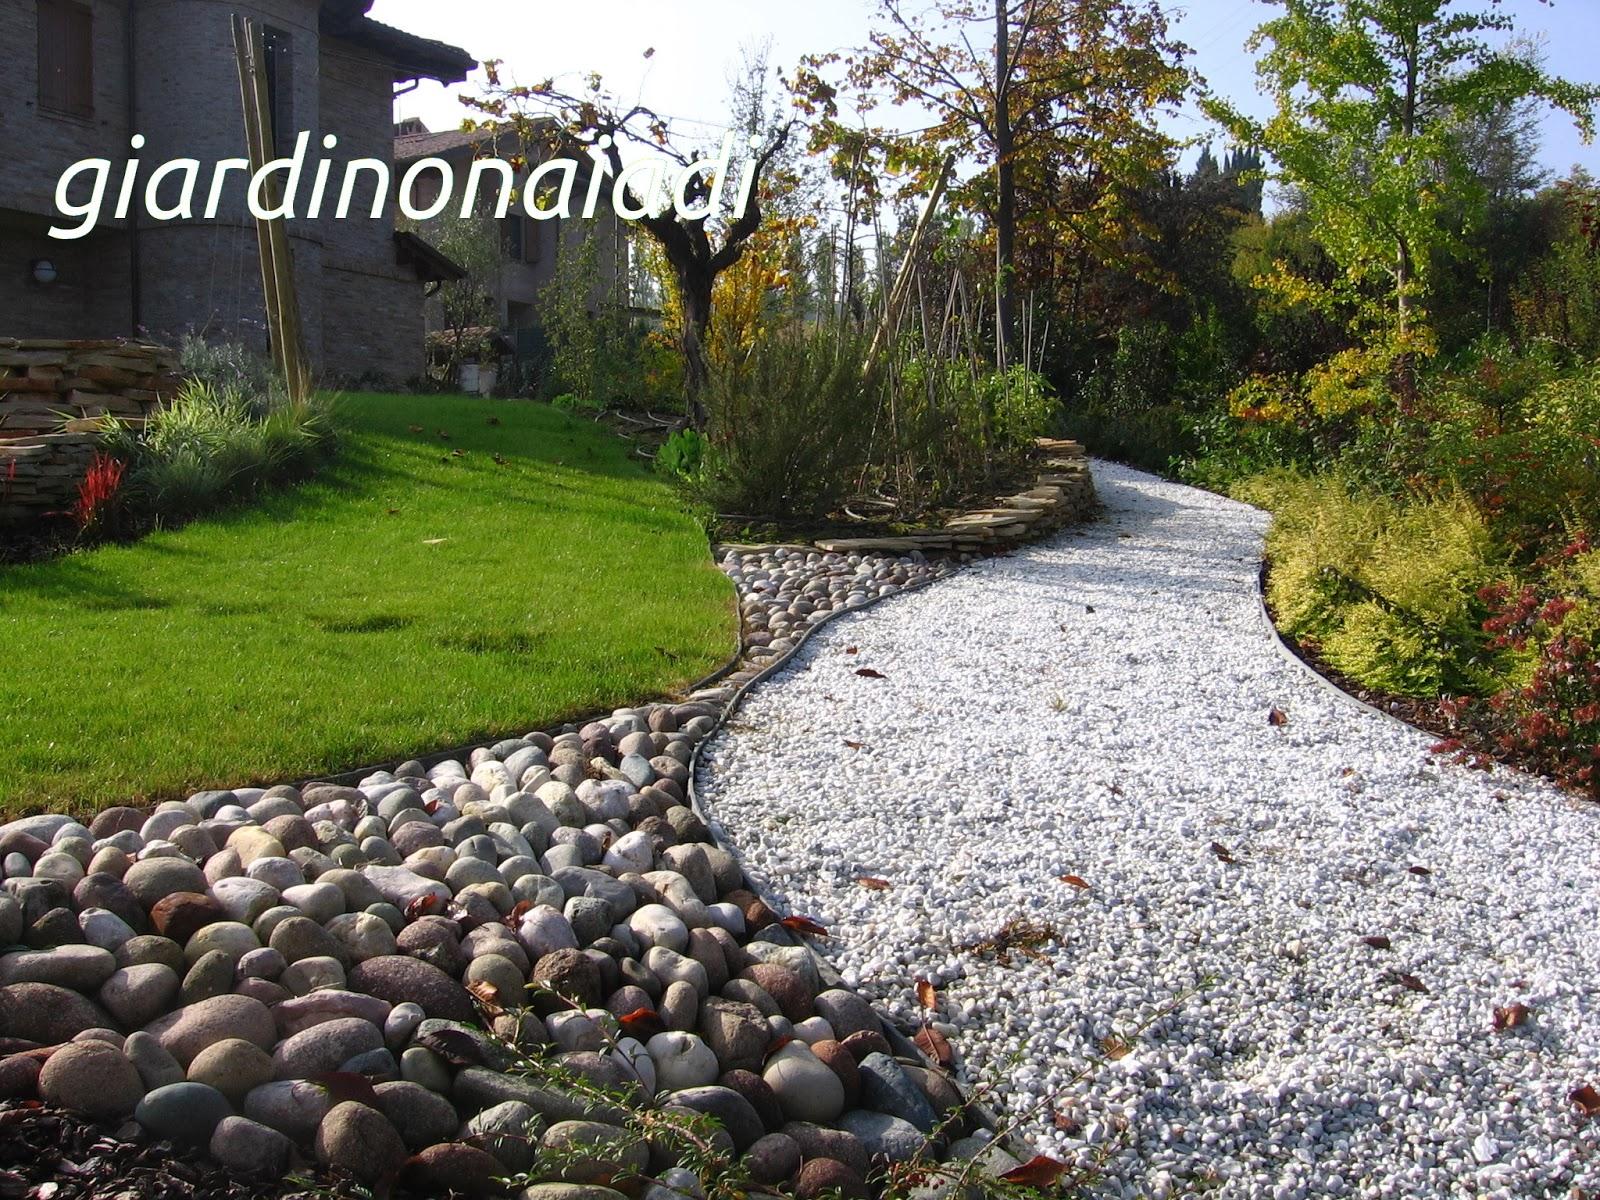 Il giardino delle naiadi due passi in giardino seconda parte for Sassi per fioriere